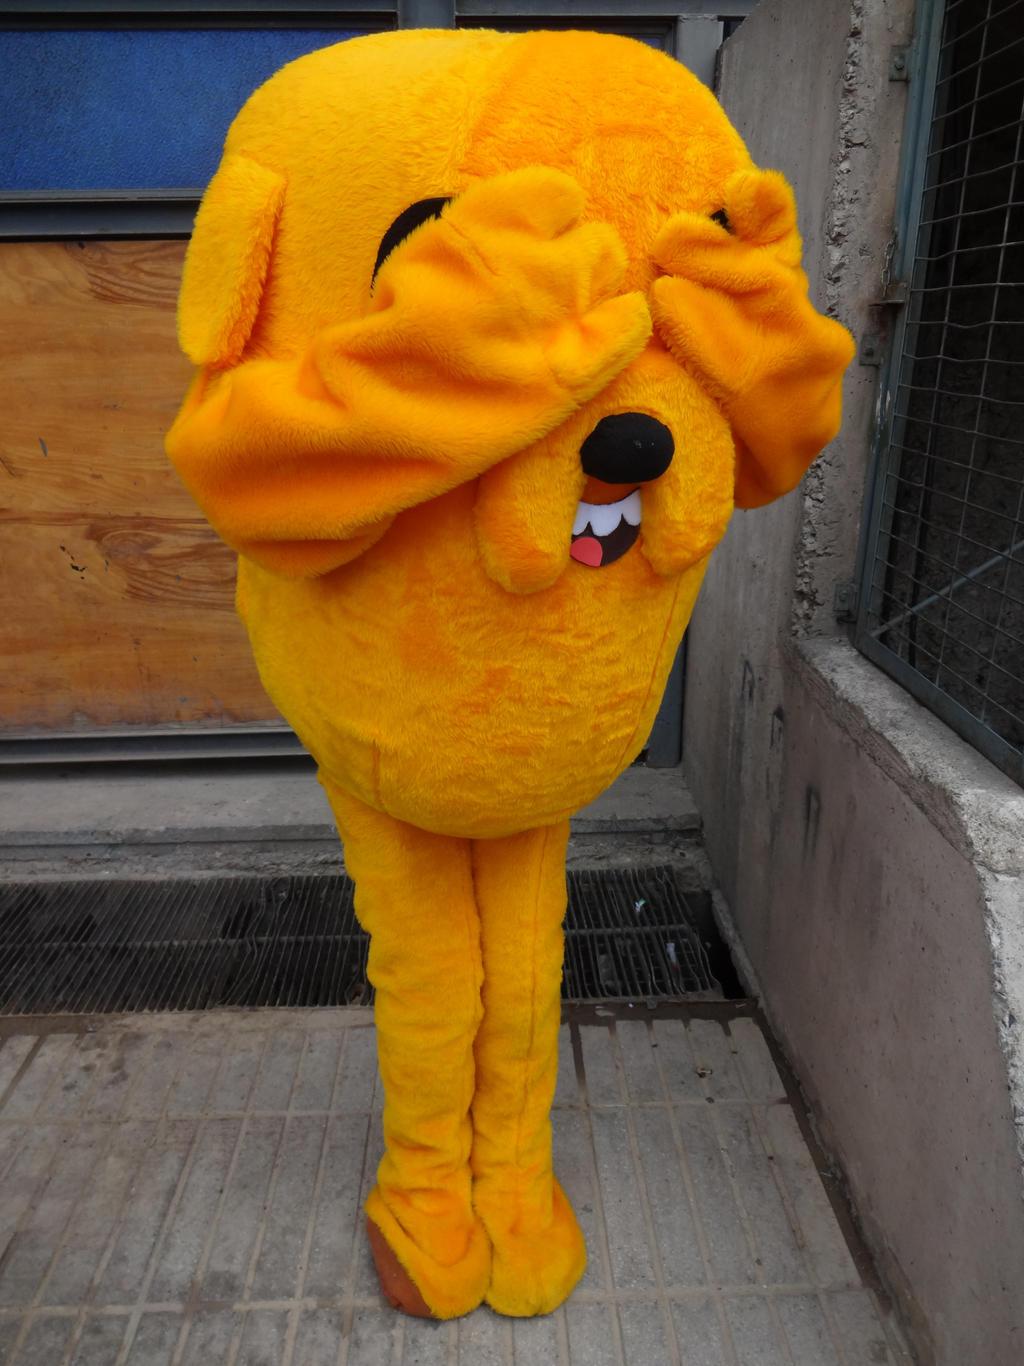 Jake the dog by SasukeTakeuchi Jake the dog by SasukeTakeuchi & Jake the dog by SasukeTakeuchi on DeviantArt